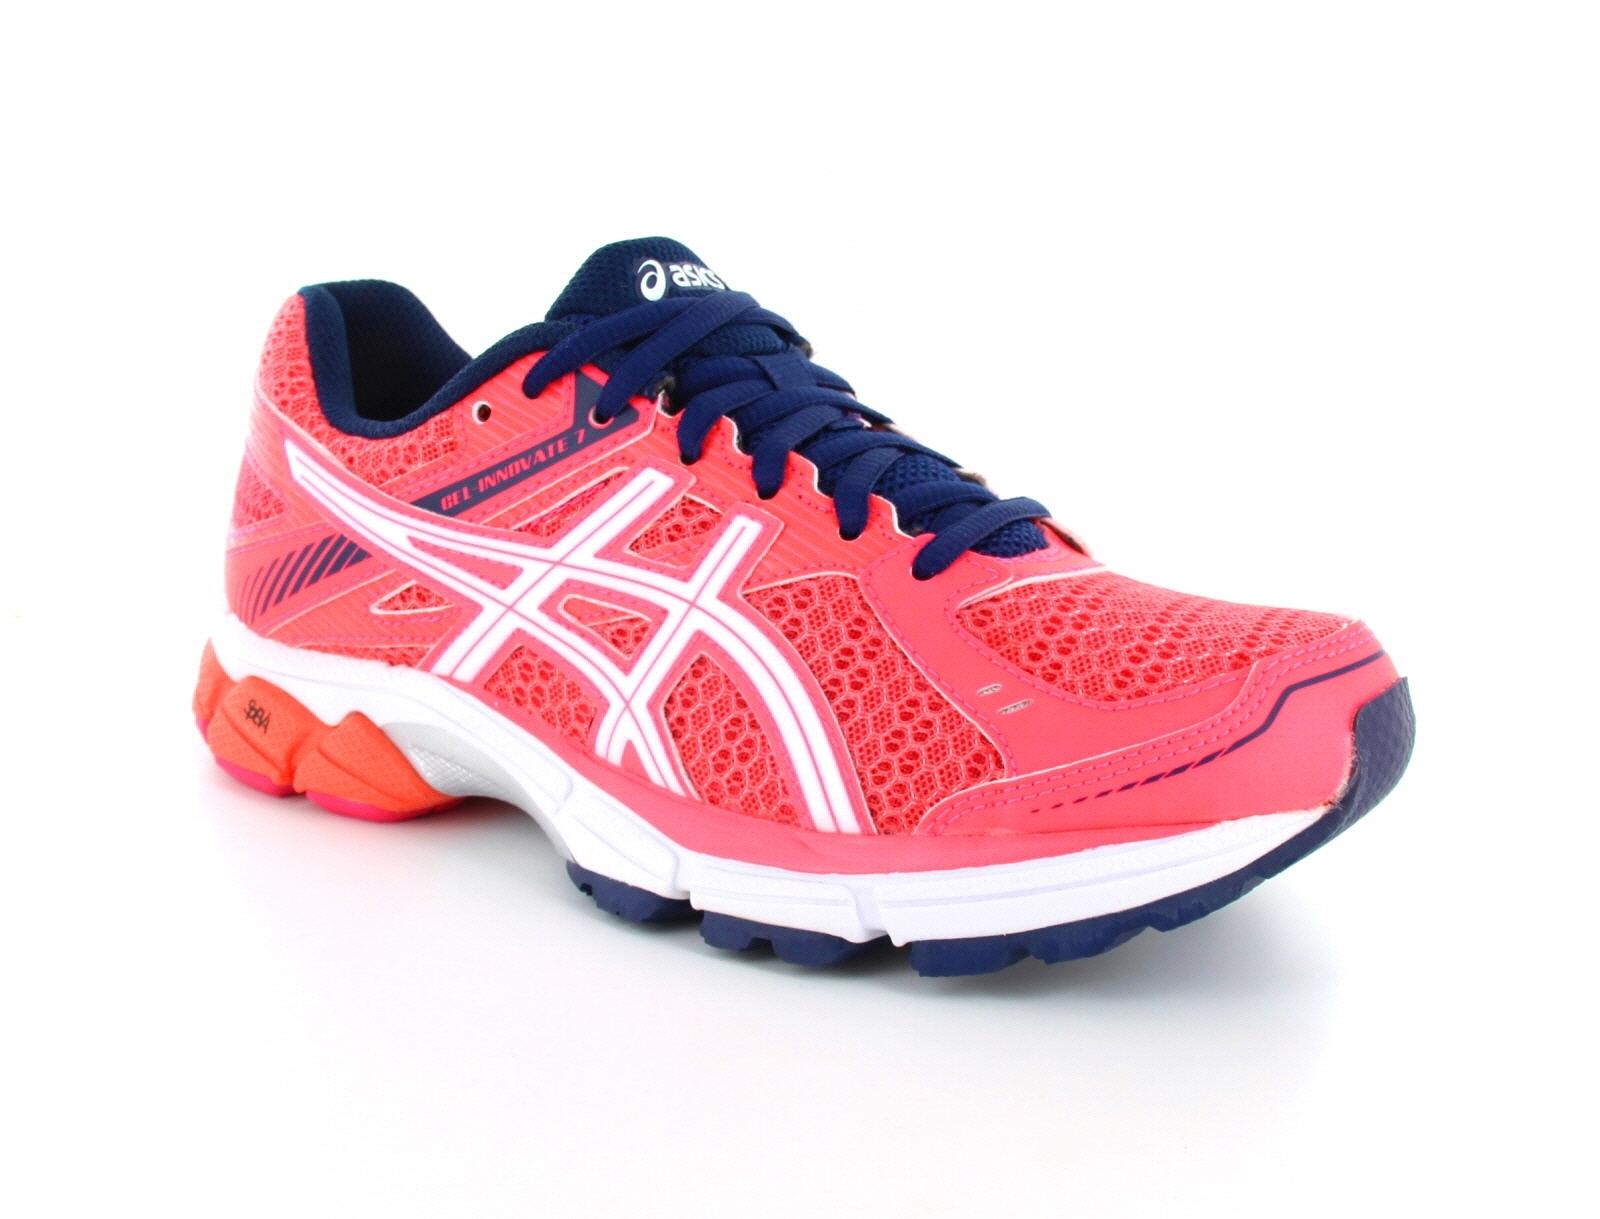 Dámské běžecké tenisky ASICS Gel Innovate 7 neonově růžové 3f0443d0a9